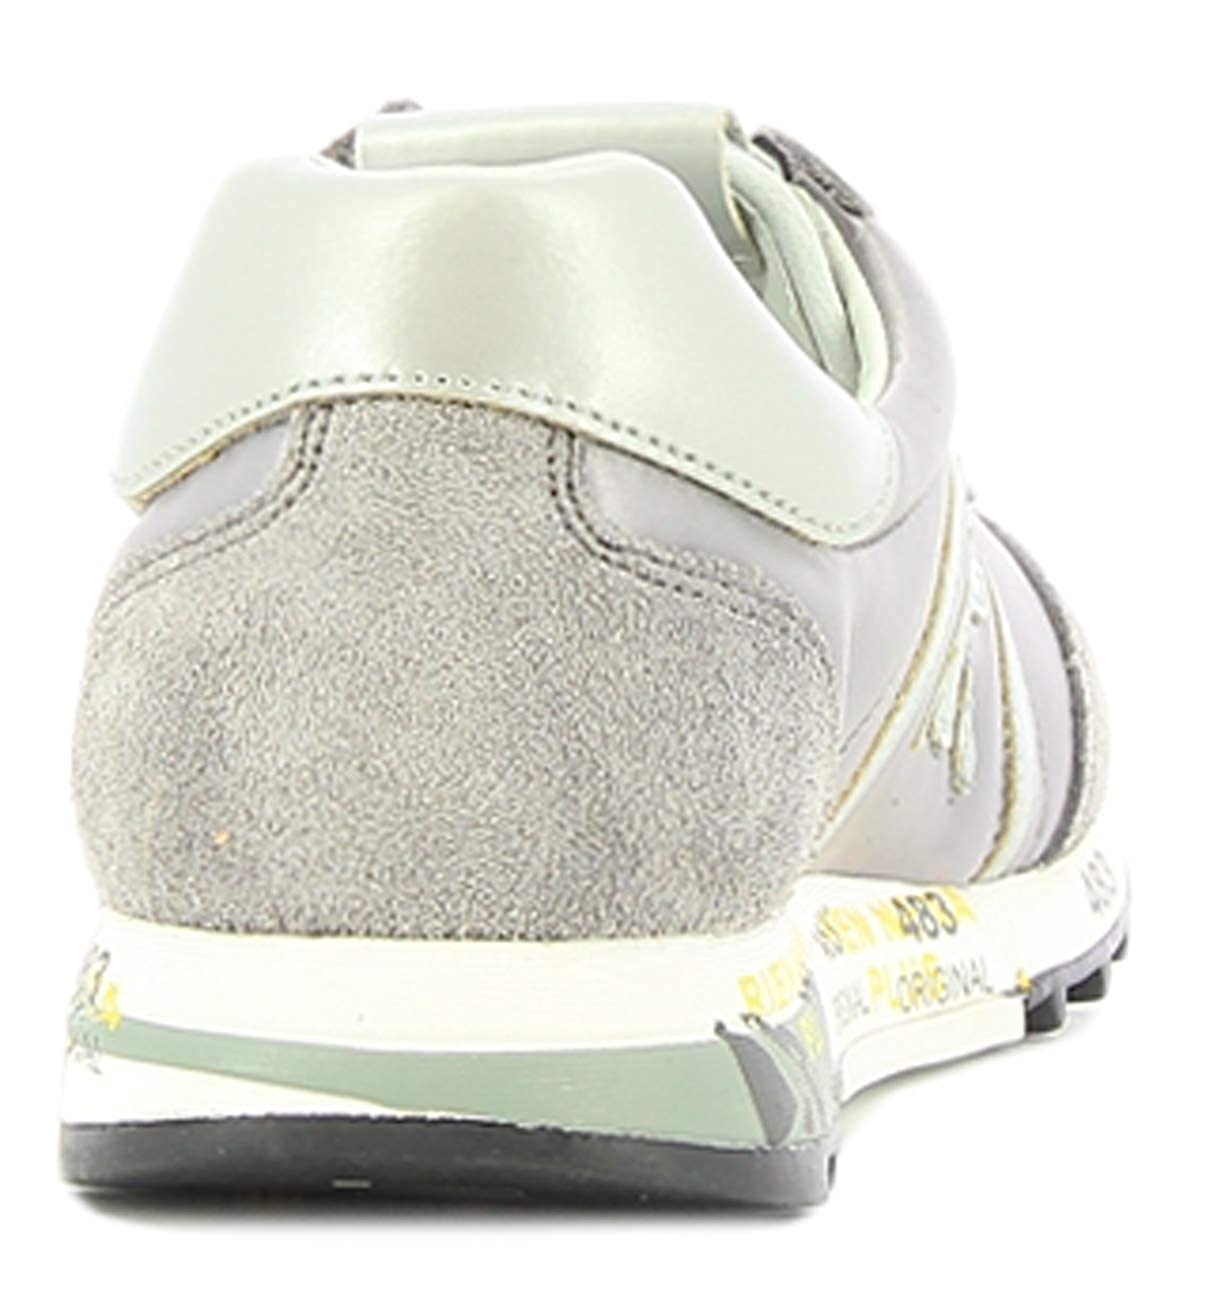 PREMIATA Sneaker Grigia Lucy D 3425 41: Amazon.it: Scarpe e